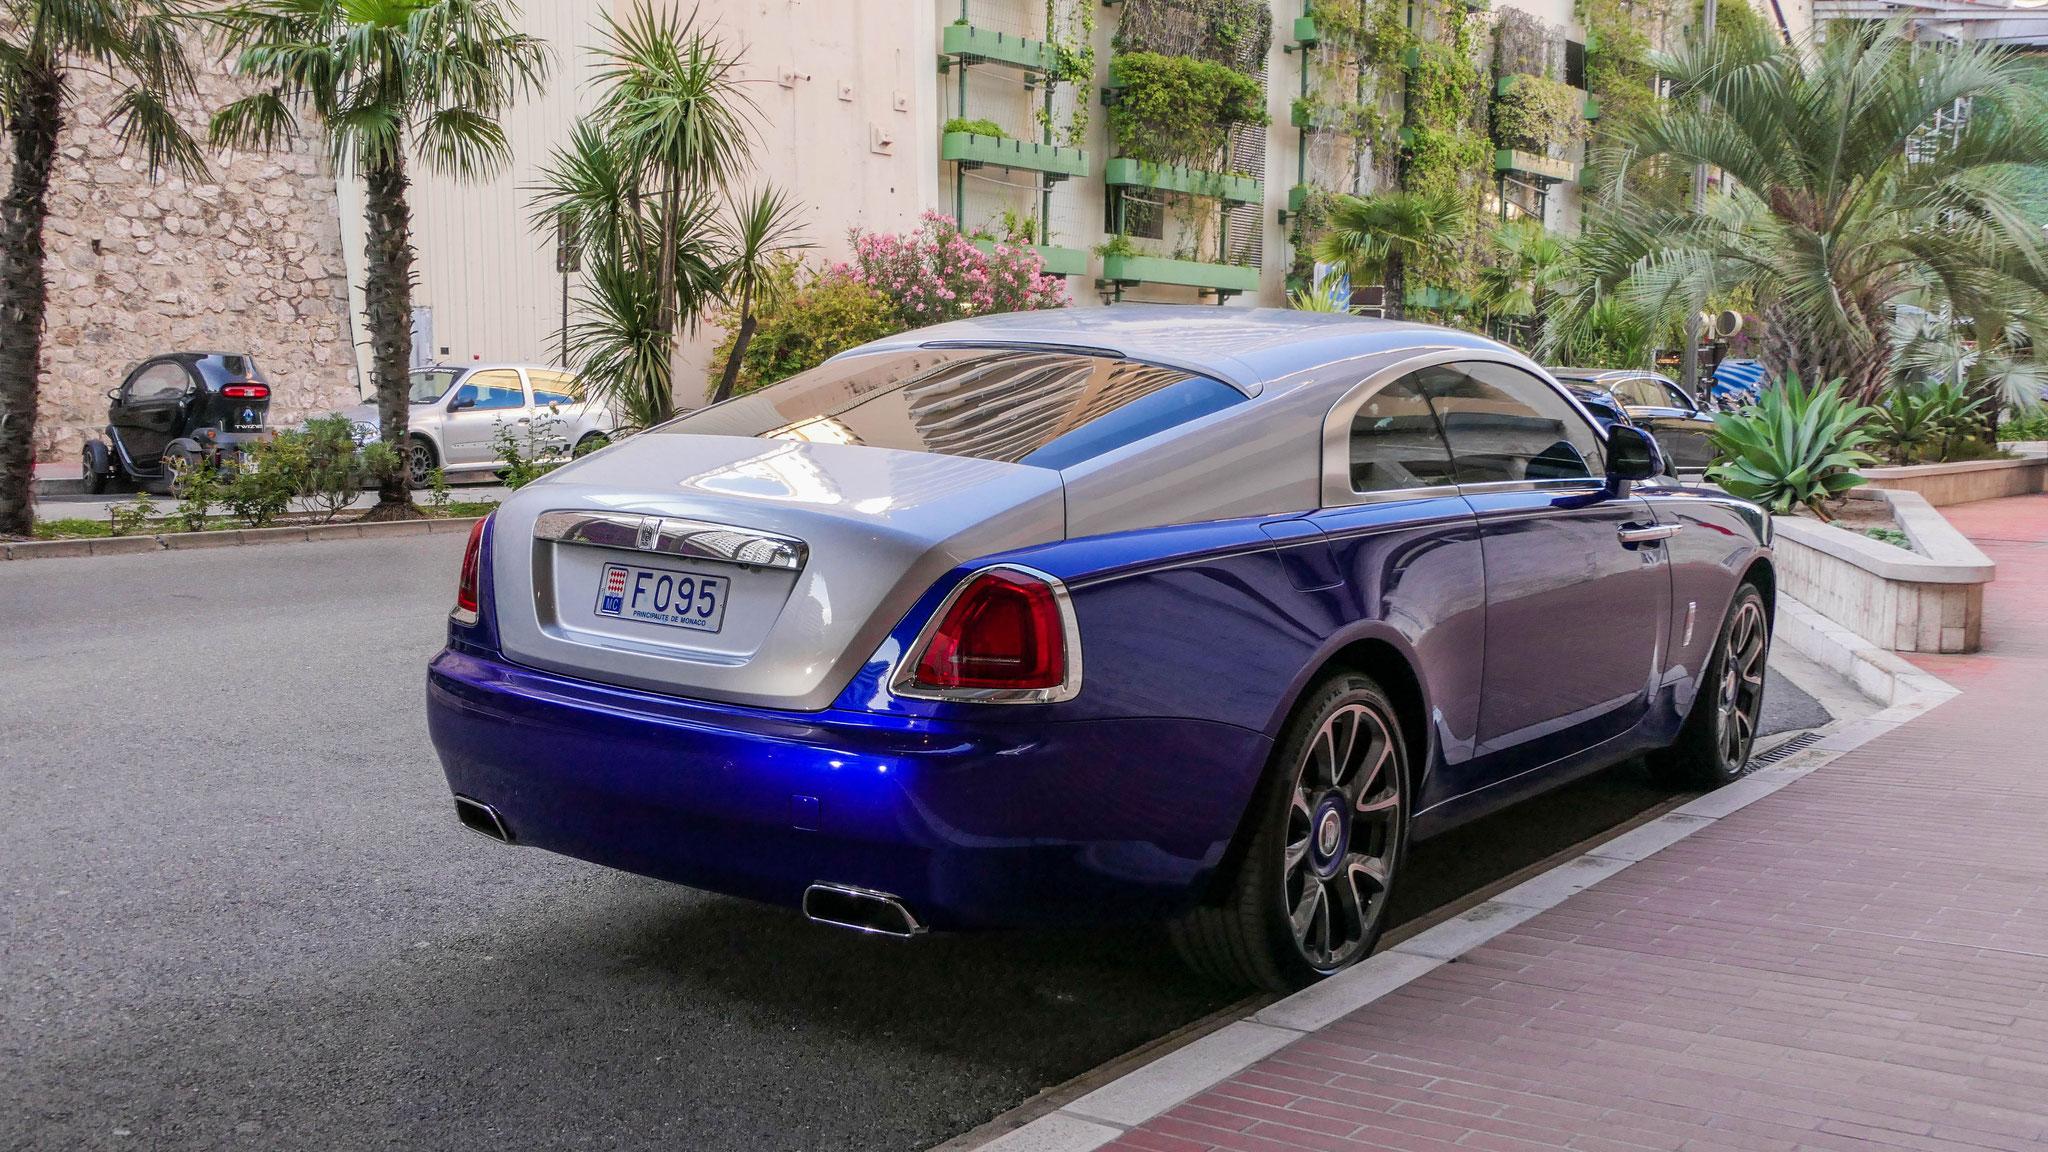 Rolls Royce Wraith - F095 (MC)